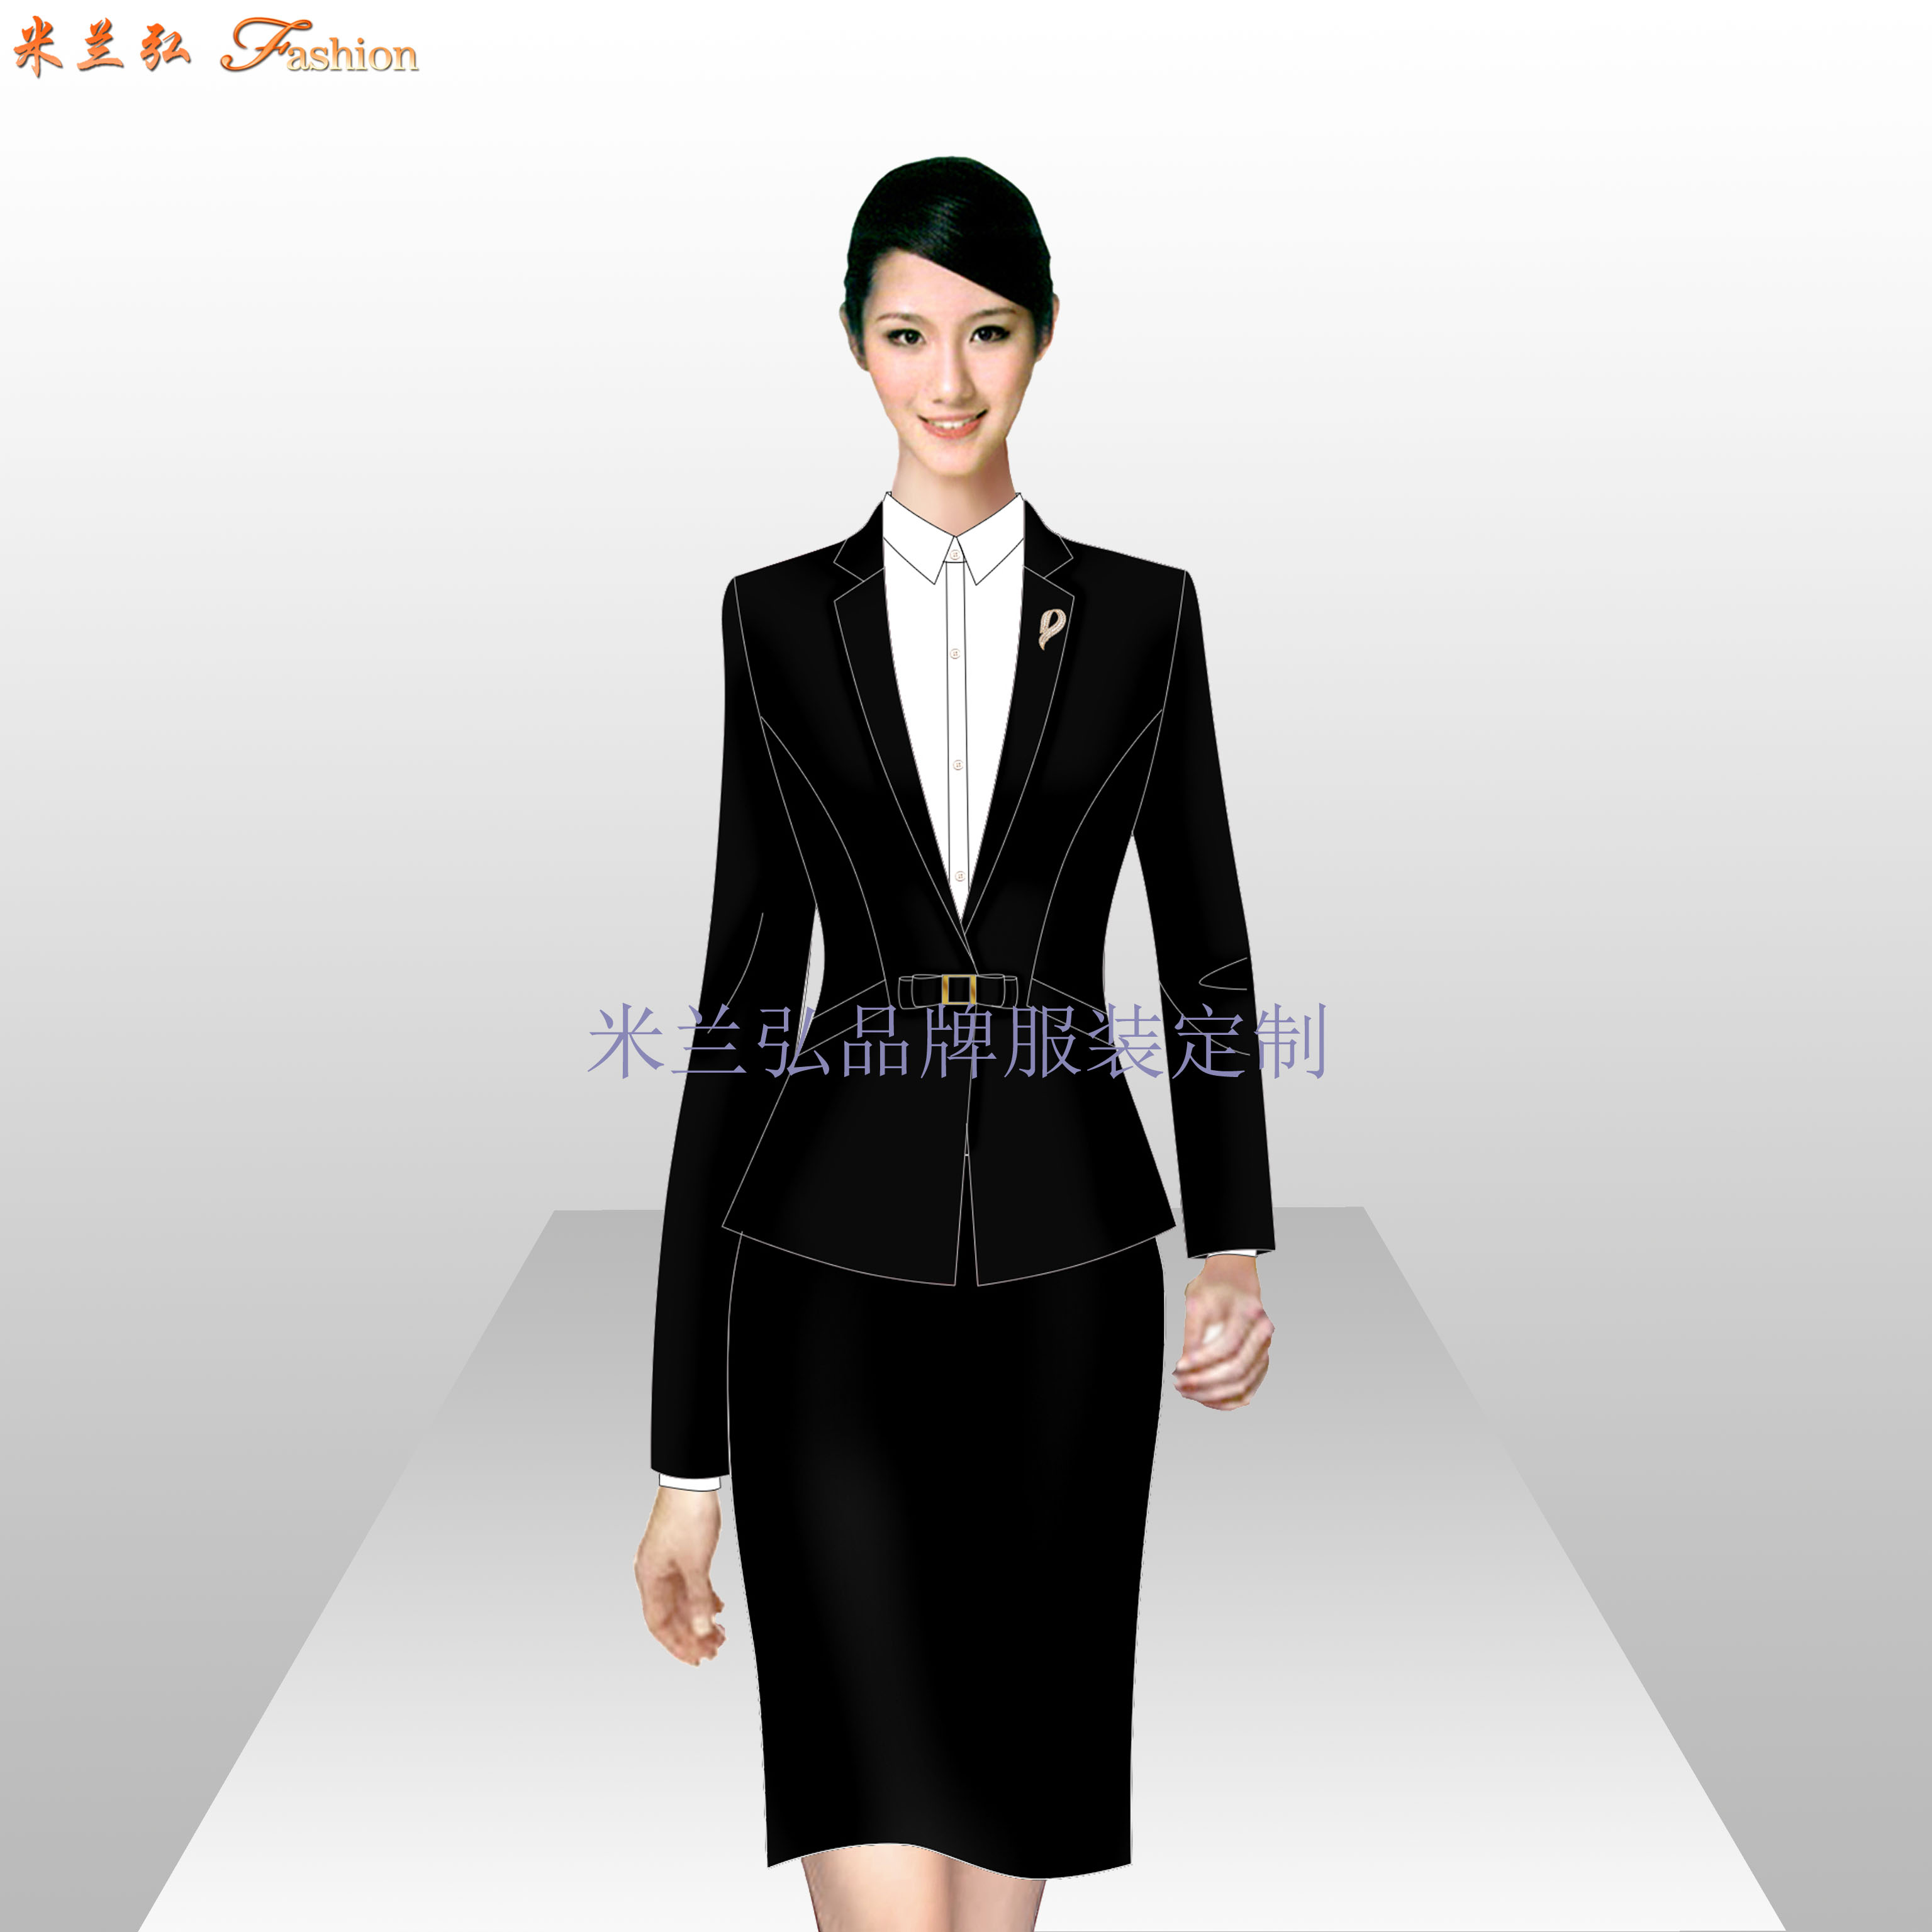 房山區西服定制_北京房山職業裝訂做-米蘭弘服裝廠家-2